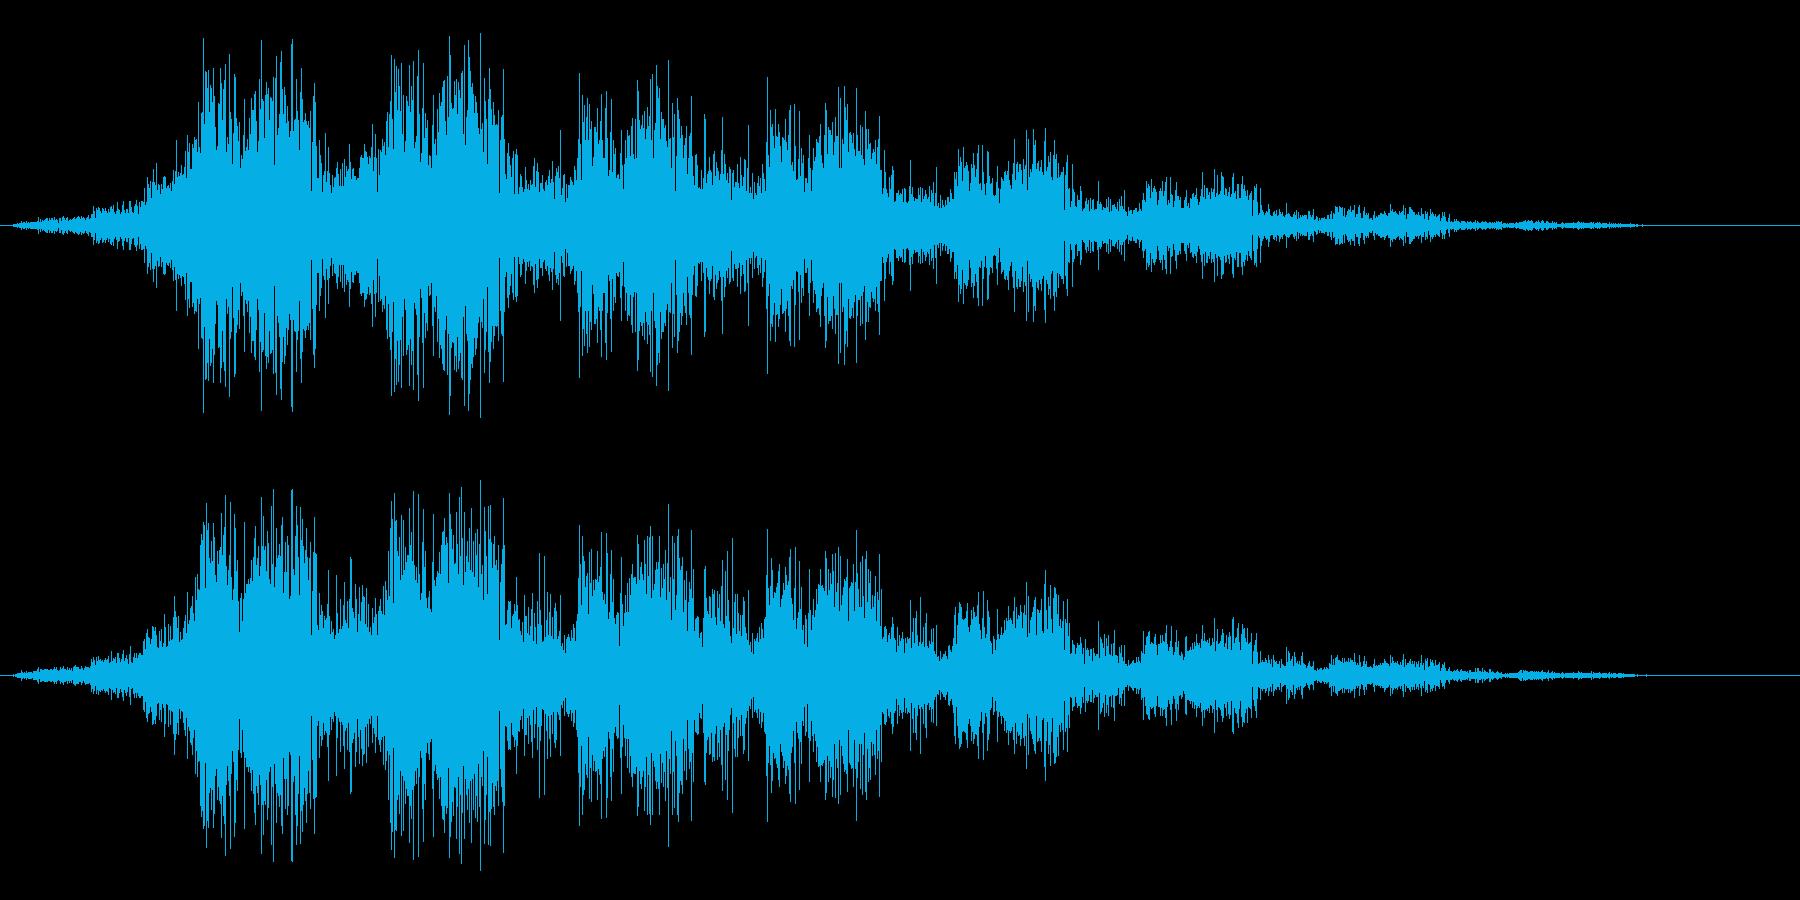 シュルルルル(ロープを巻くような音)の再生済みの波形